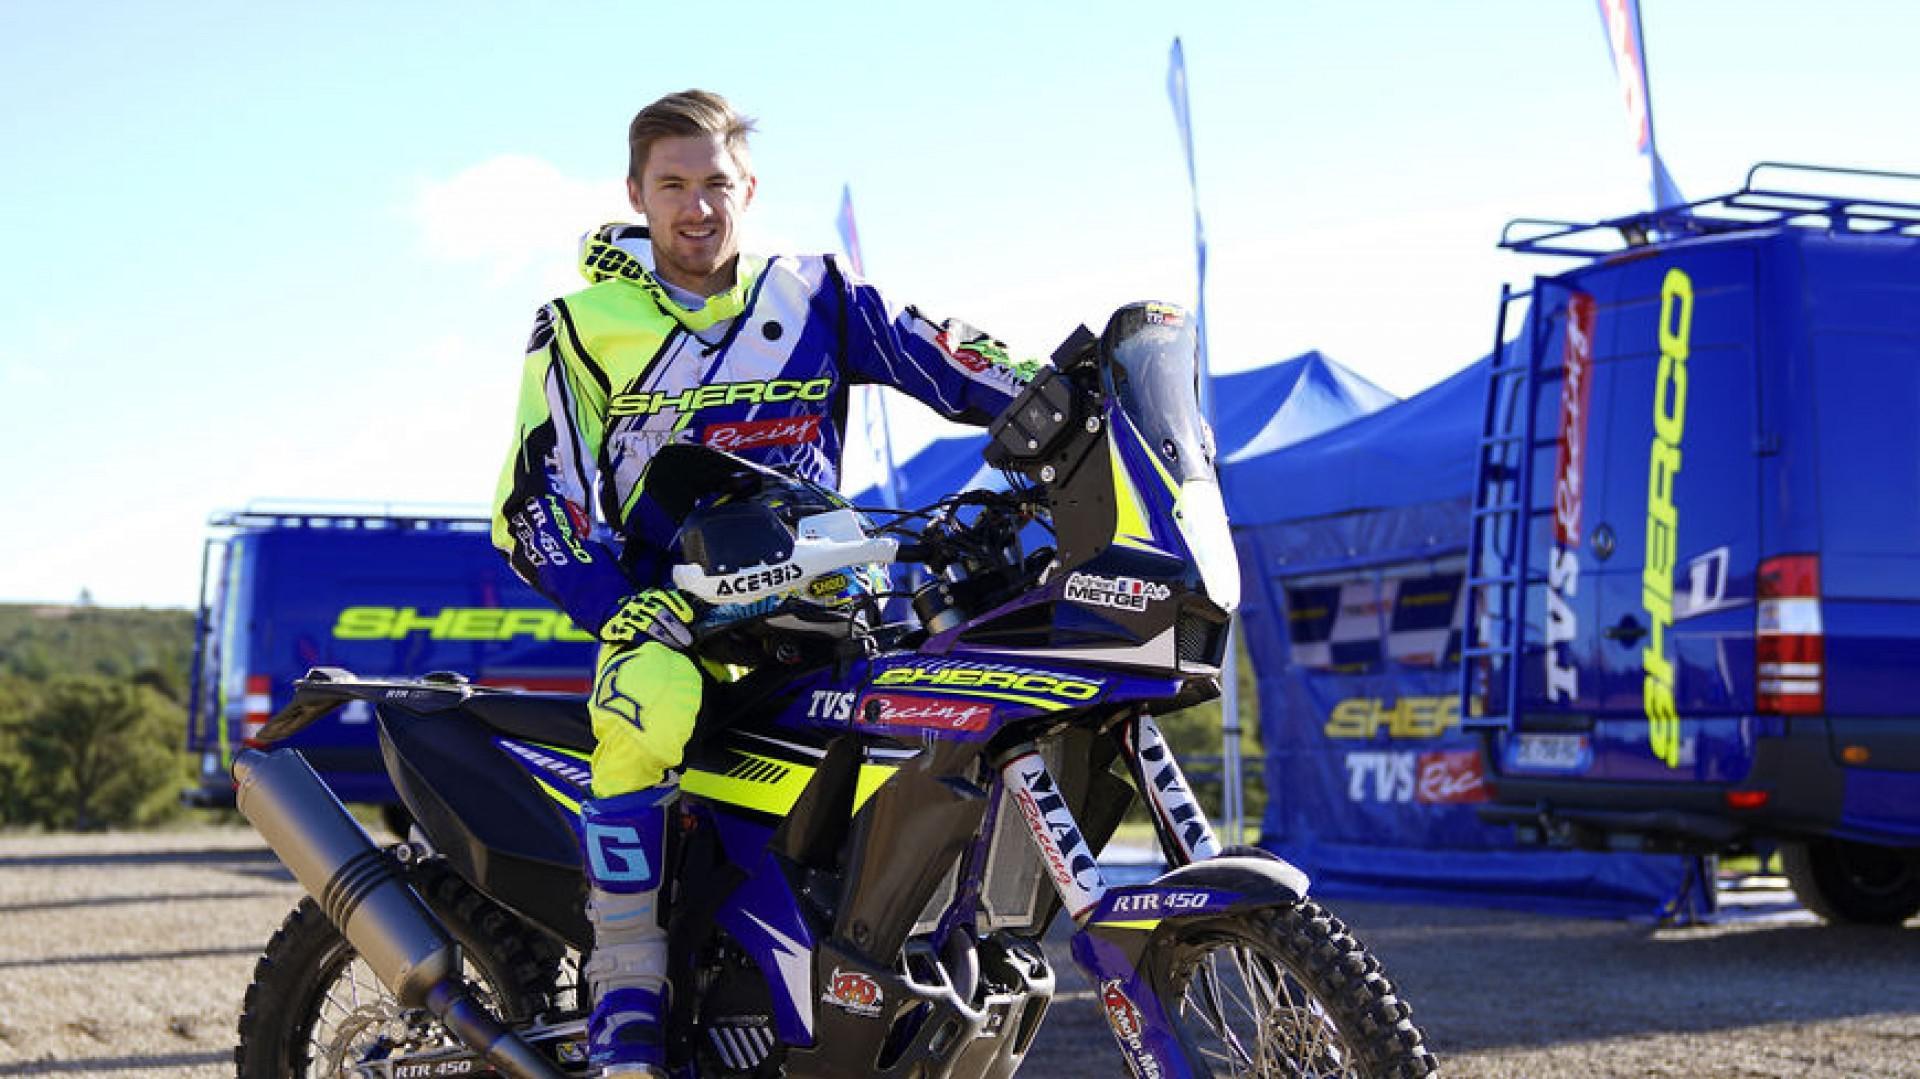 Adrien Metge et sa Sherco prêt pour le Dakar 2019.